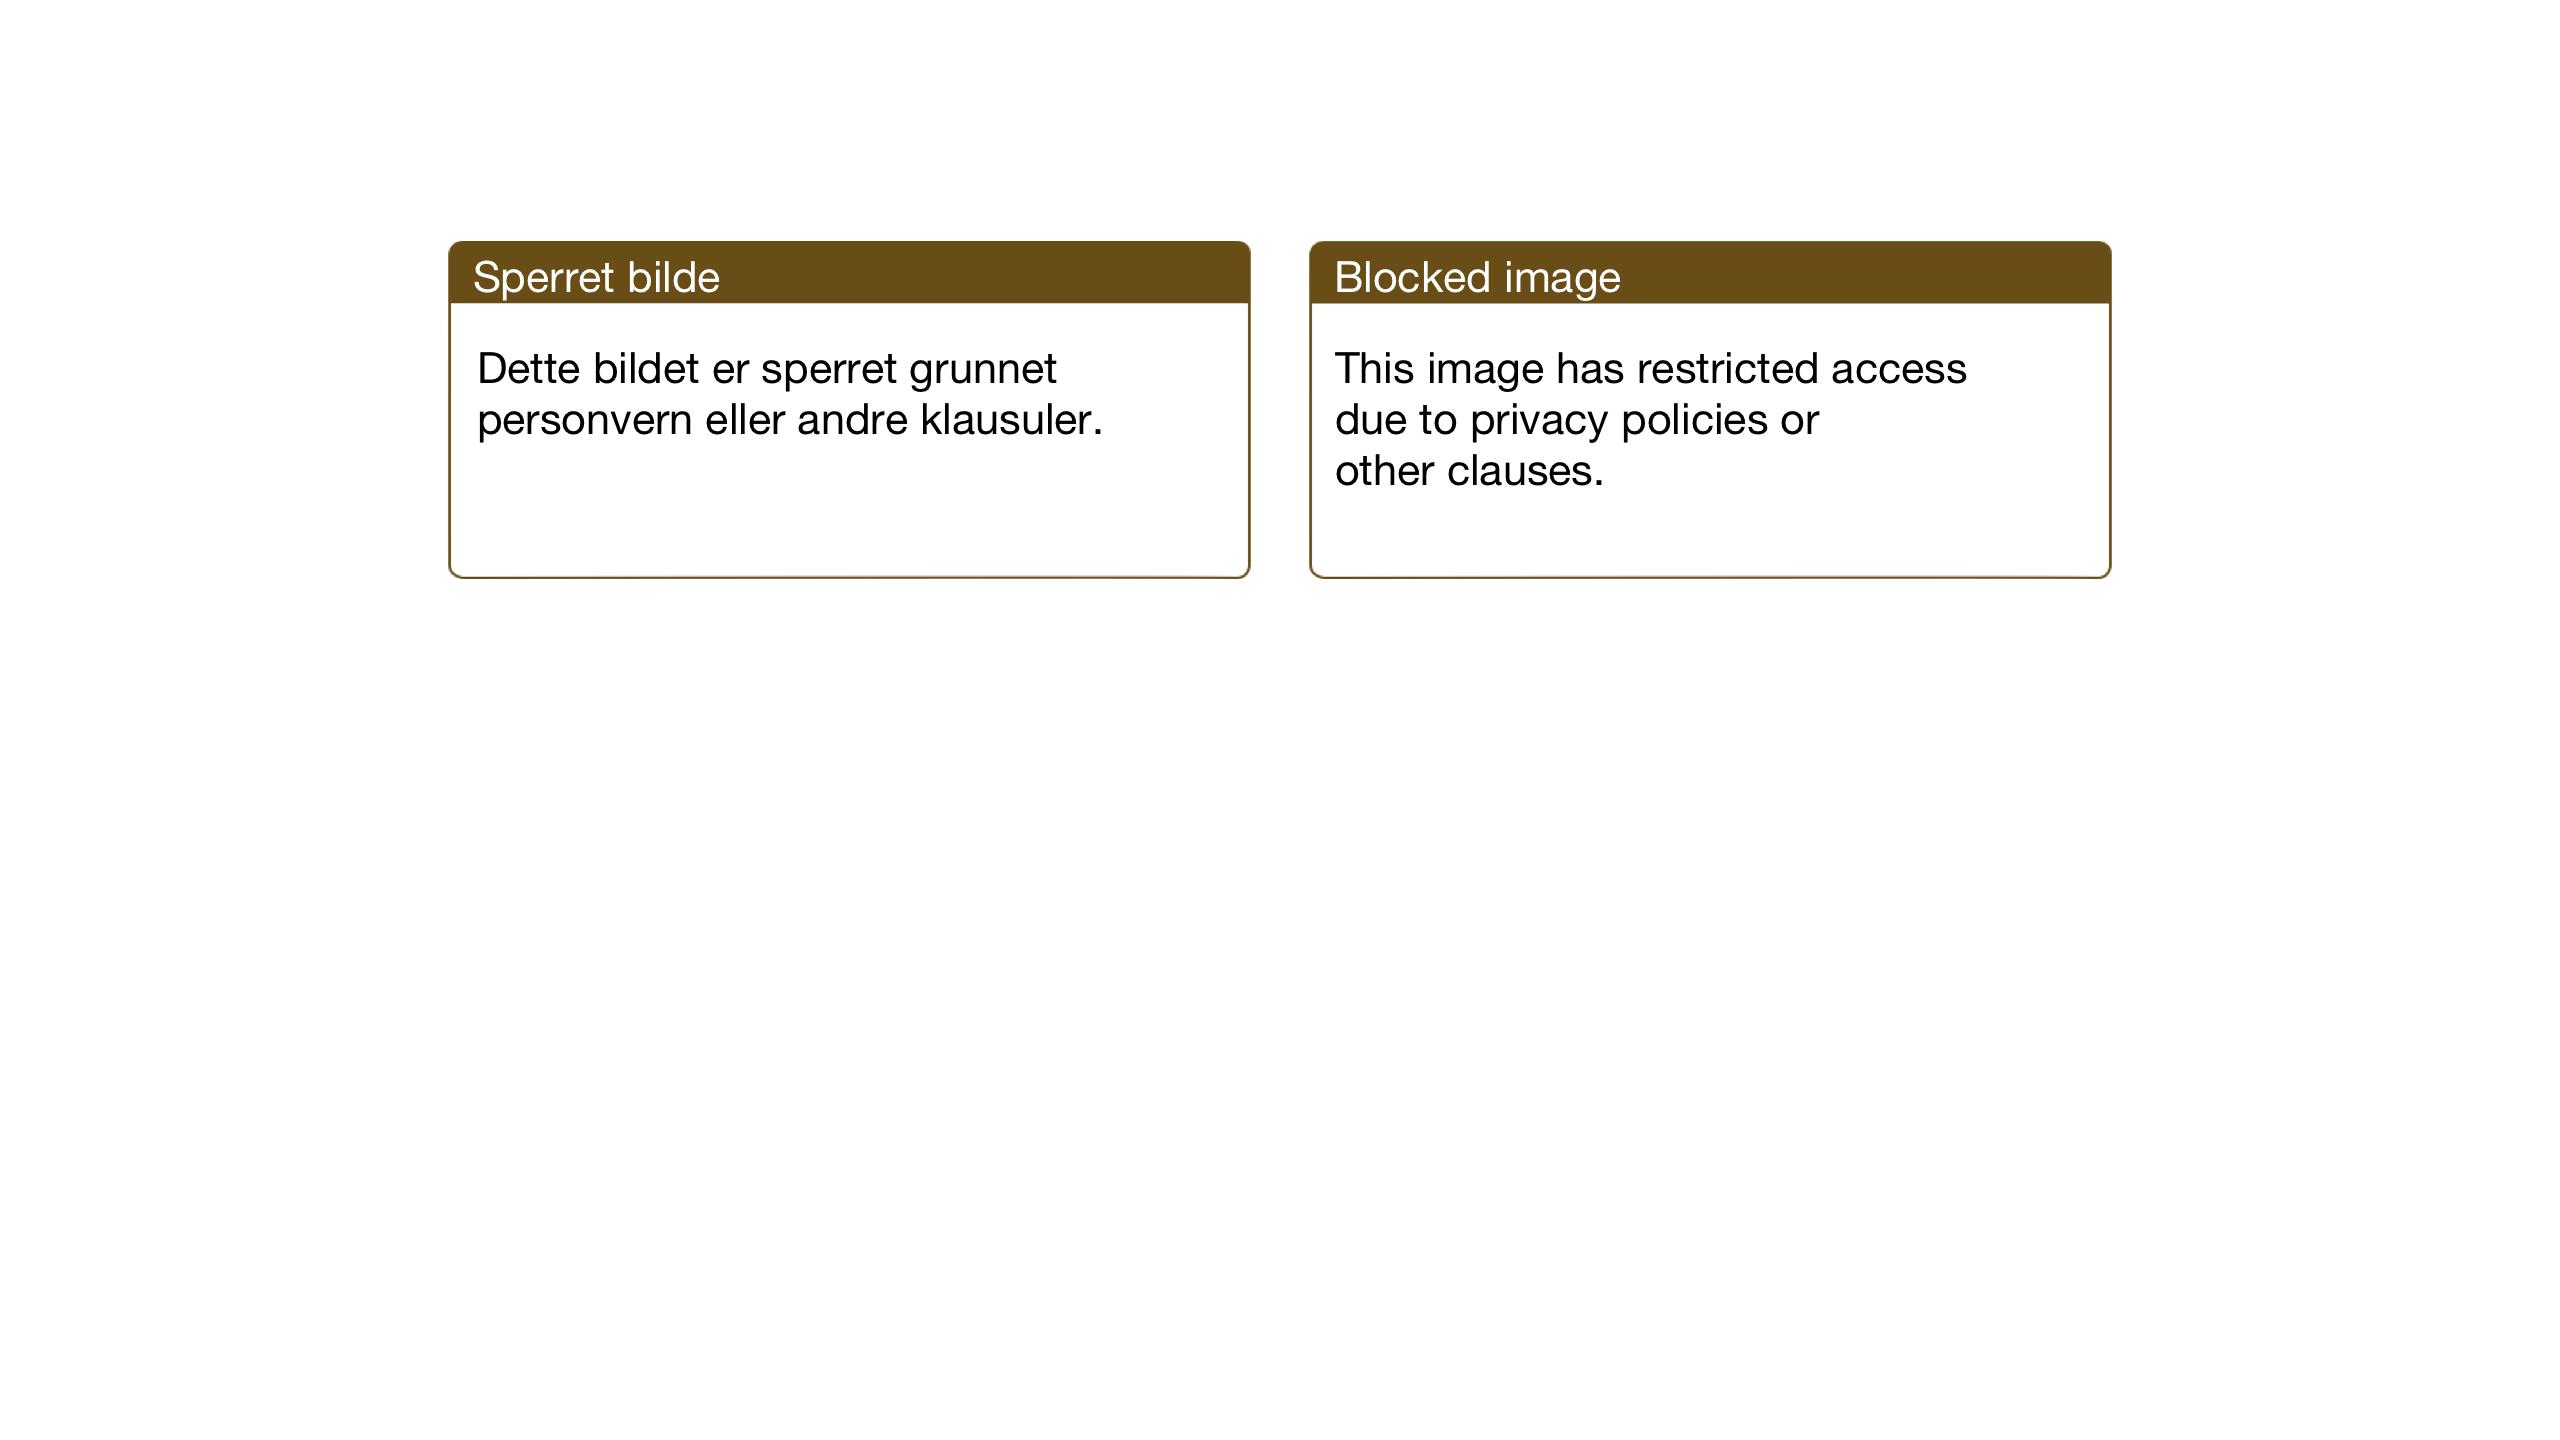 SAT, Ministerialprotokoller, klokkerbøker og fødselsregistre - Nord-Trøndelag, 755/L0500: Klokkerbok nr. 755C01, 1920-1962, s. 31